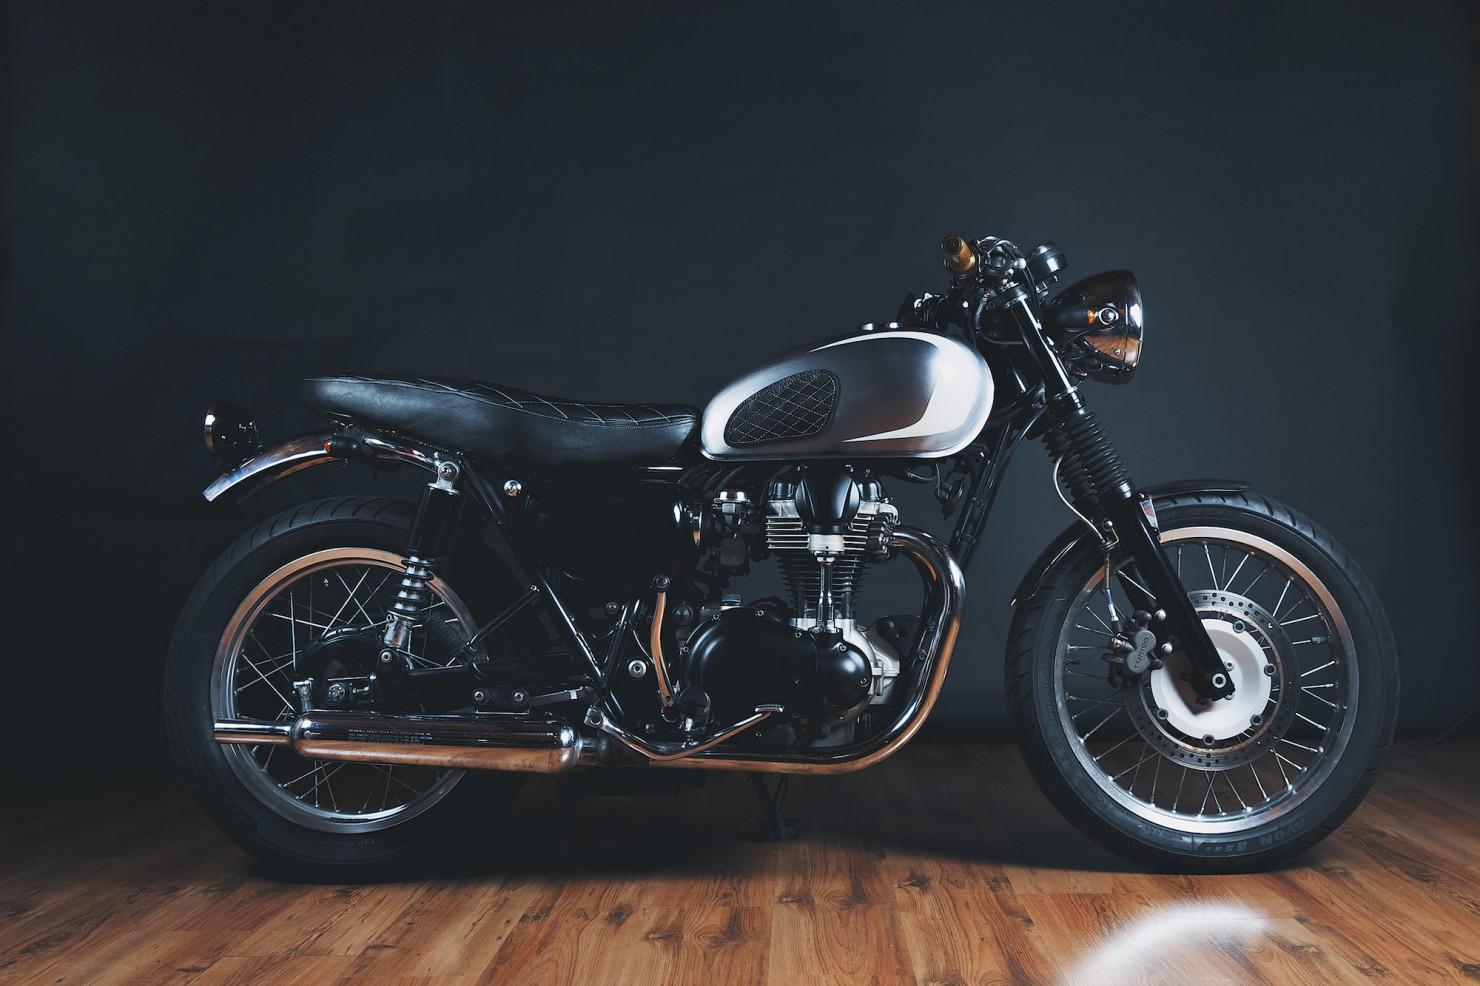 Kawasaki_W650_Motorcycle_4